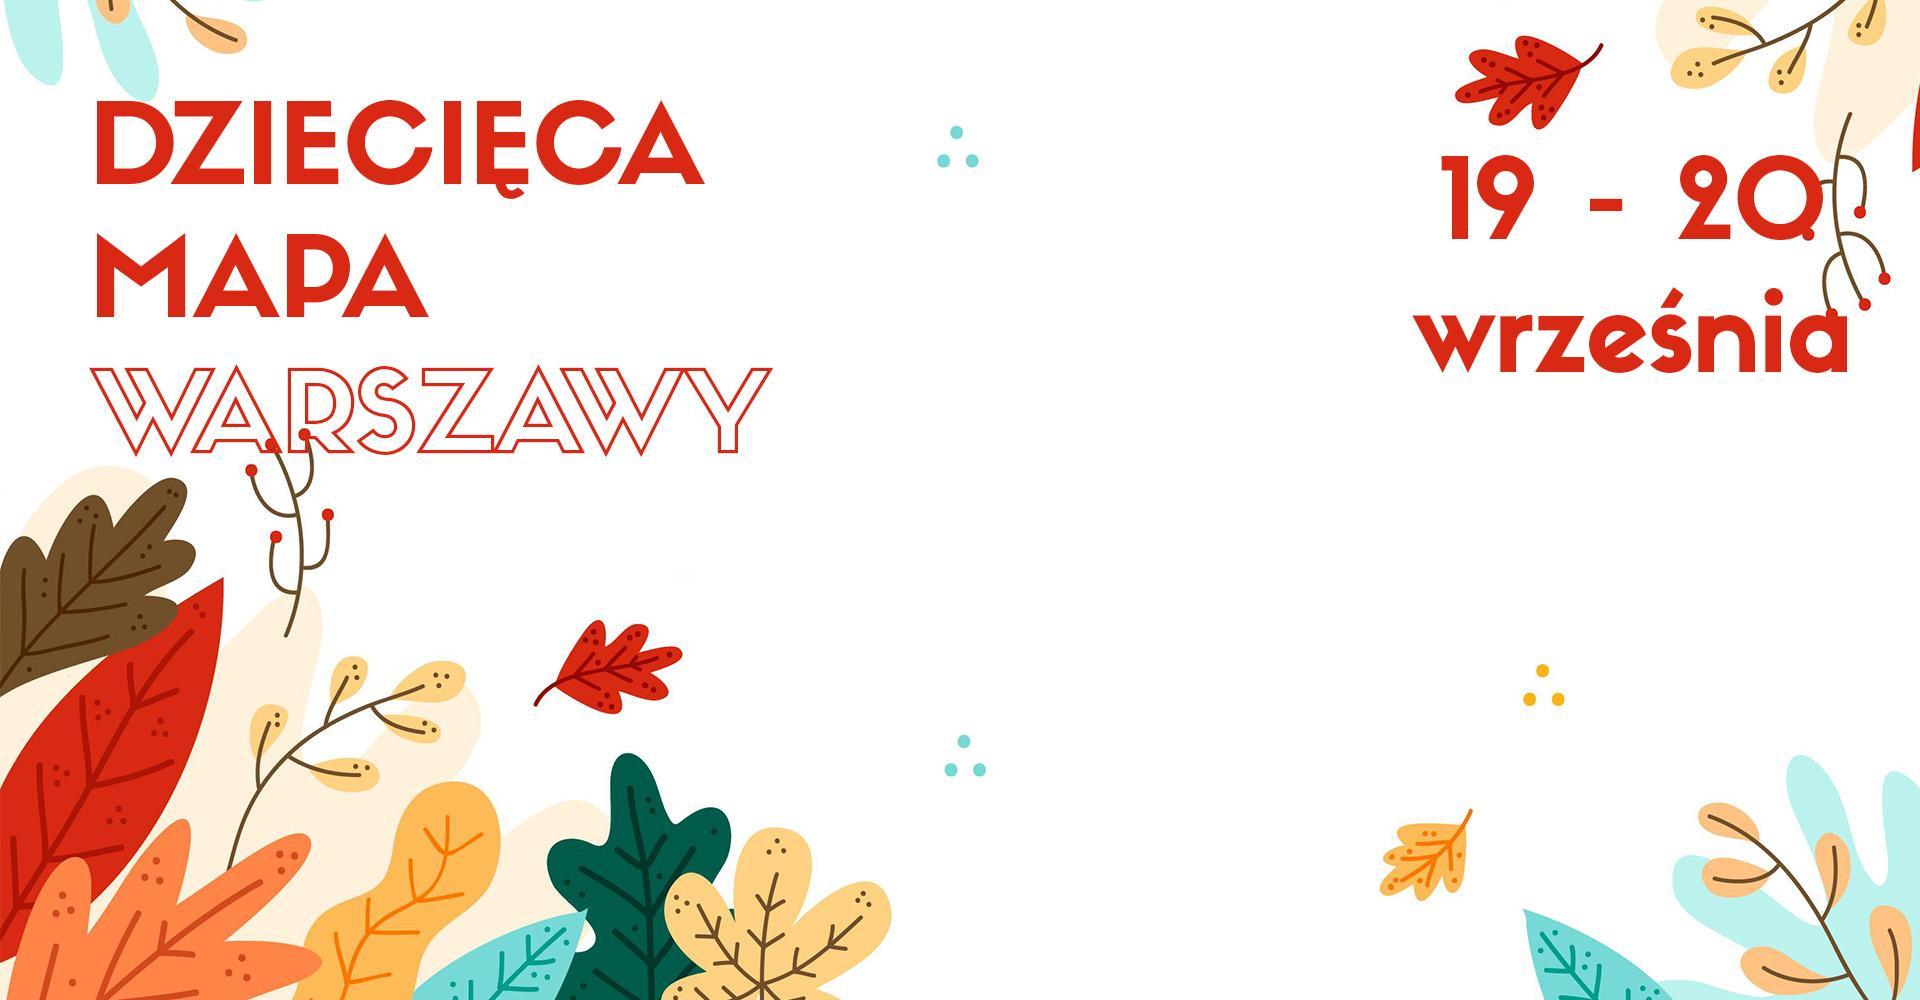 Weekendowa Zajawka, czyli zaplanuj rodzinny weekend w Warszawie (19-20 września)